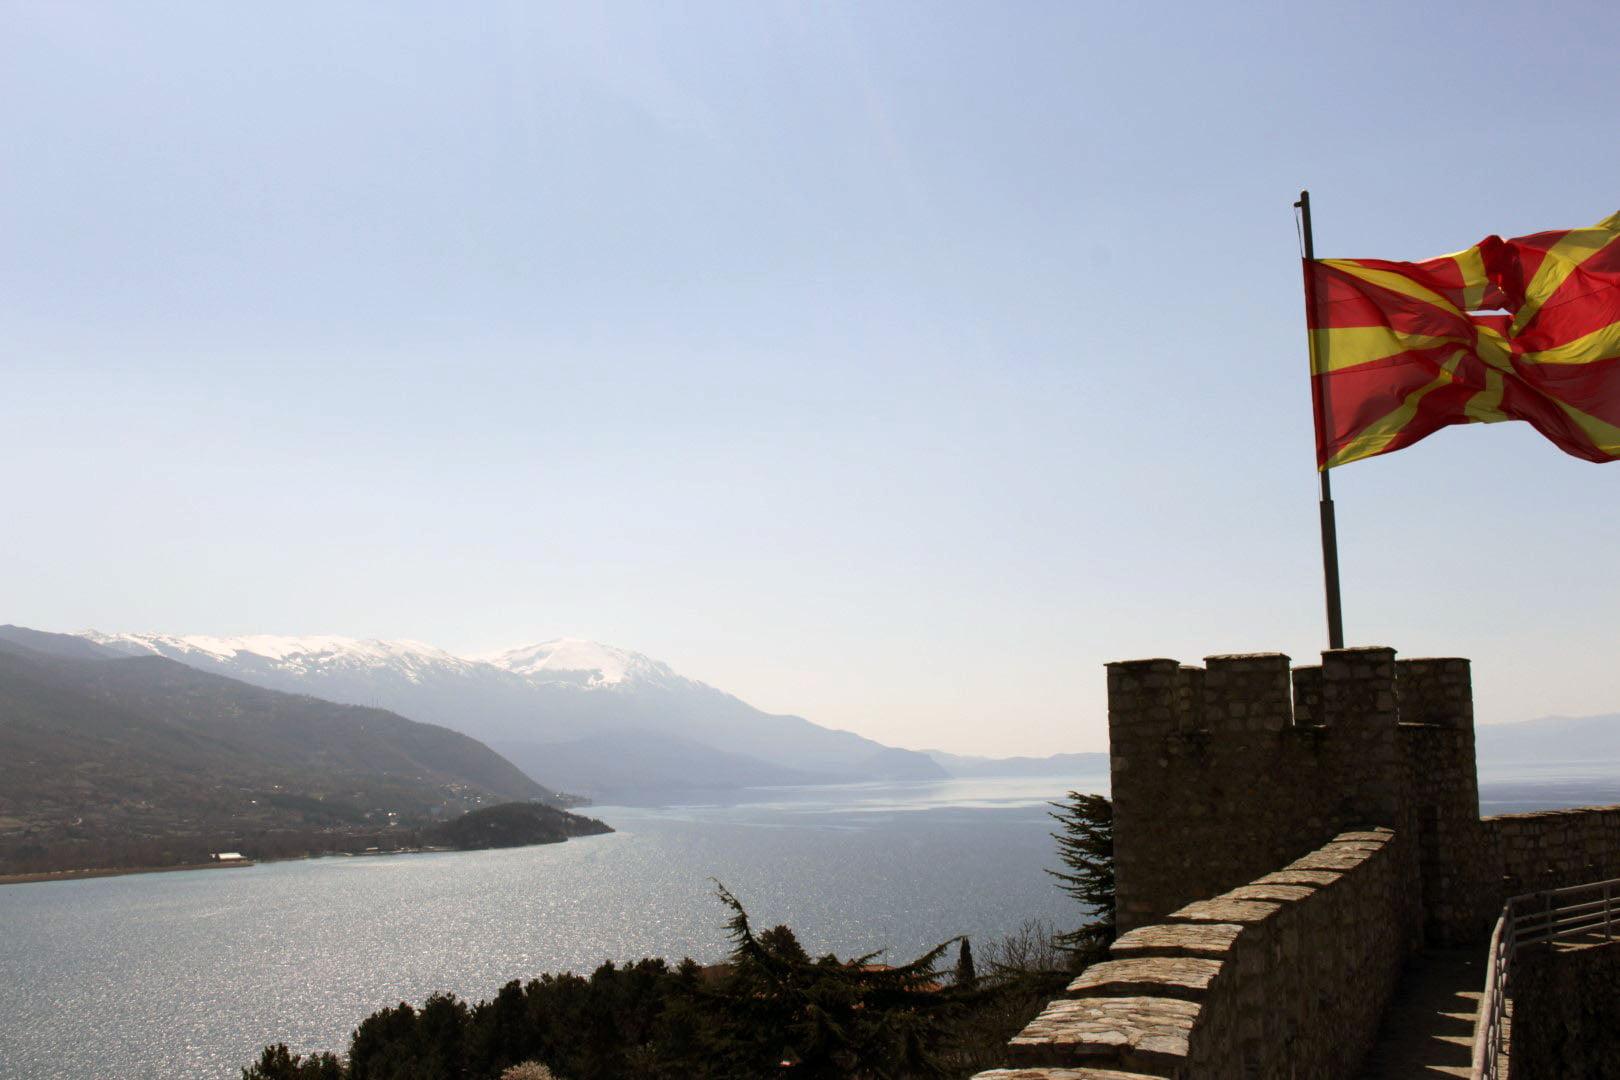 Makedonija_Ohrid_tvrdjava_Izlet_evropski_gradovi_ackija_autobusom_first_minute